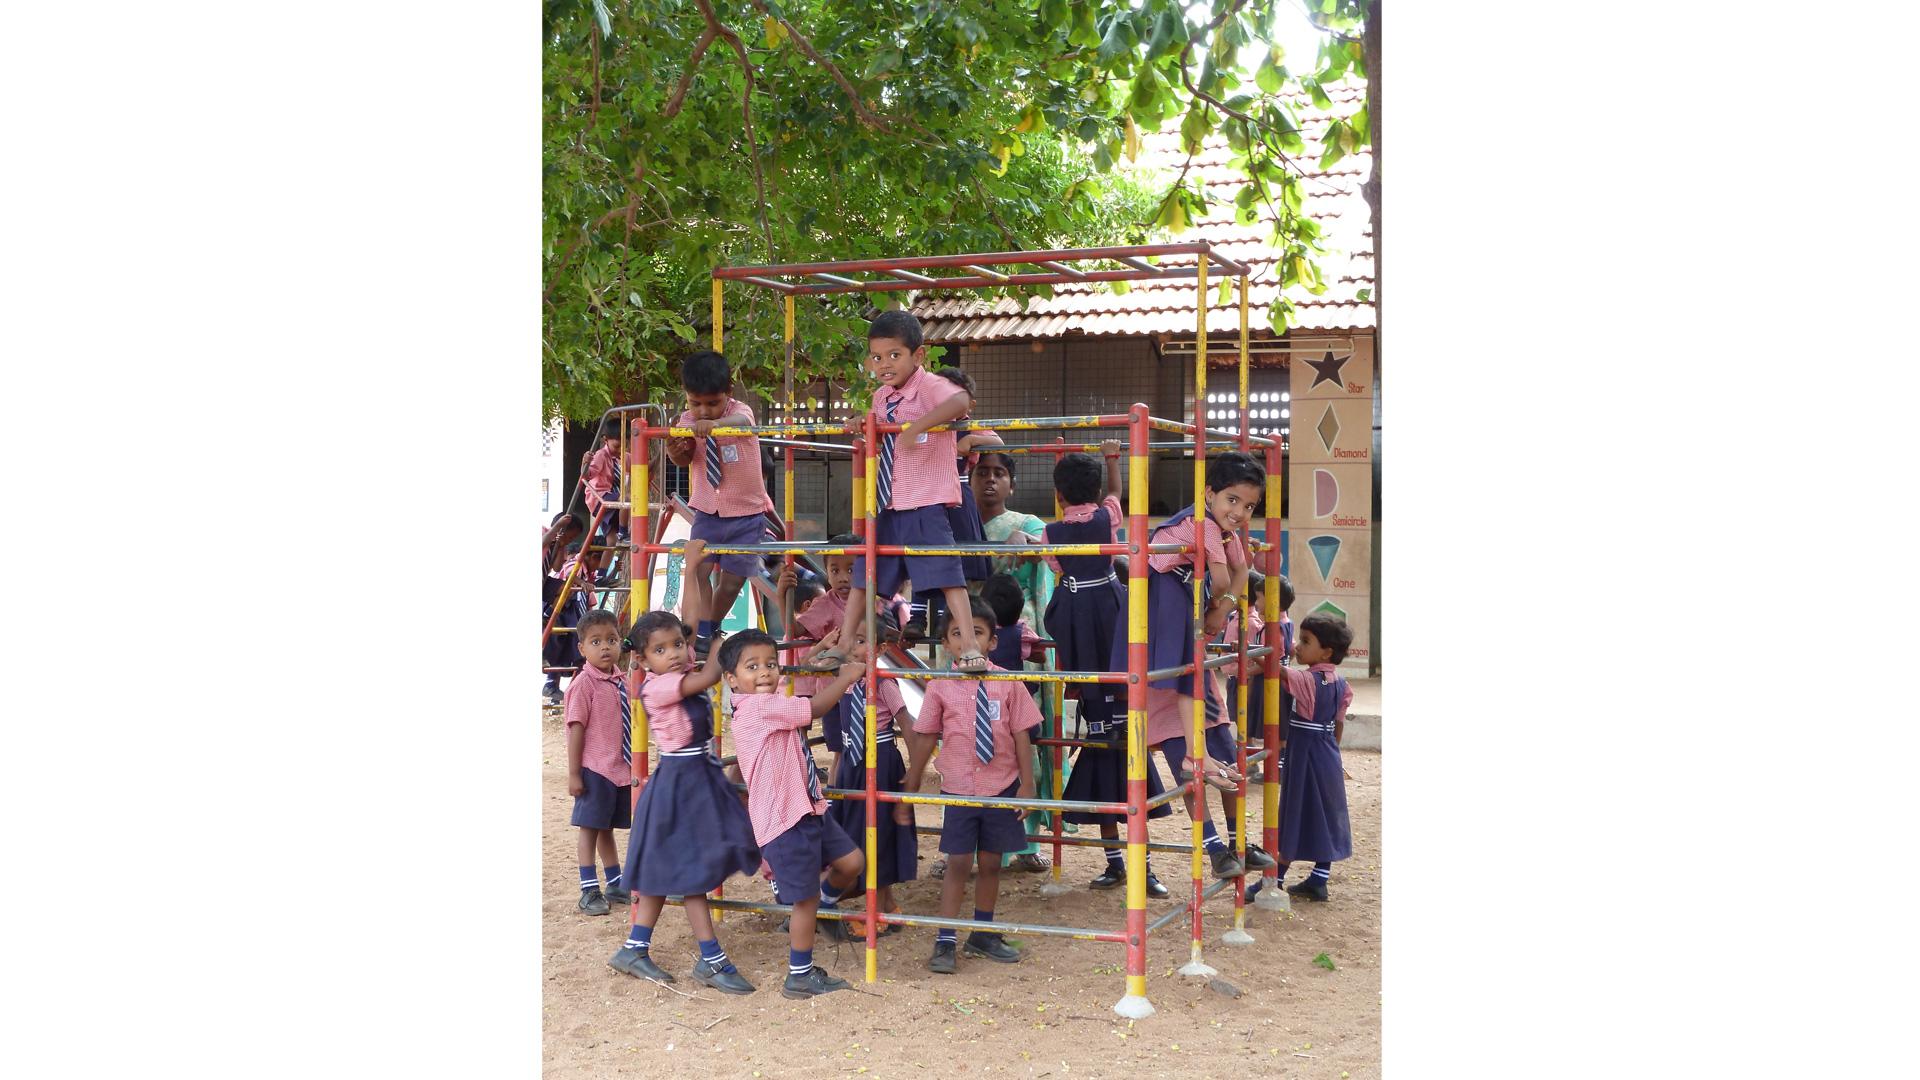 Zukunft für Kinder: Zum Palam Rural Centre gehört eine eigene Schule, an der die Kinder u. a. eine Computer-Ausbildung bekommen. Damit haben sie die Chance auf eine Berufsausbildung.